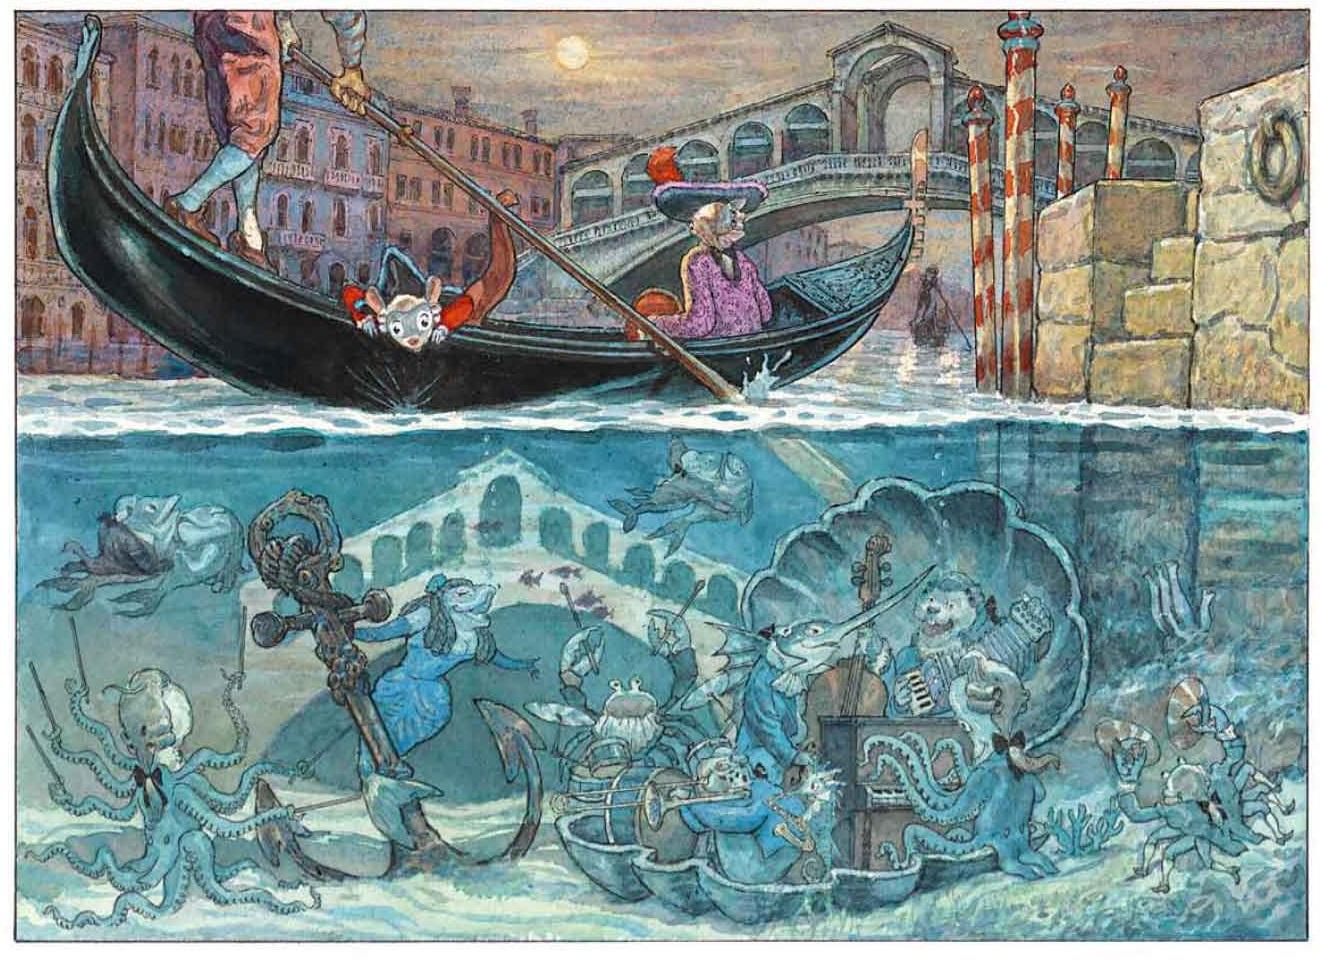 La vie musicale aquatique des canaux de Venise